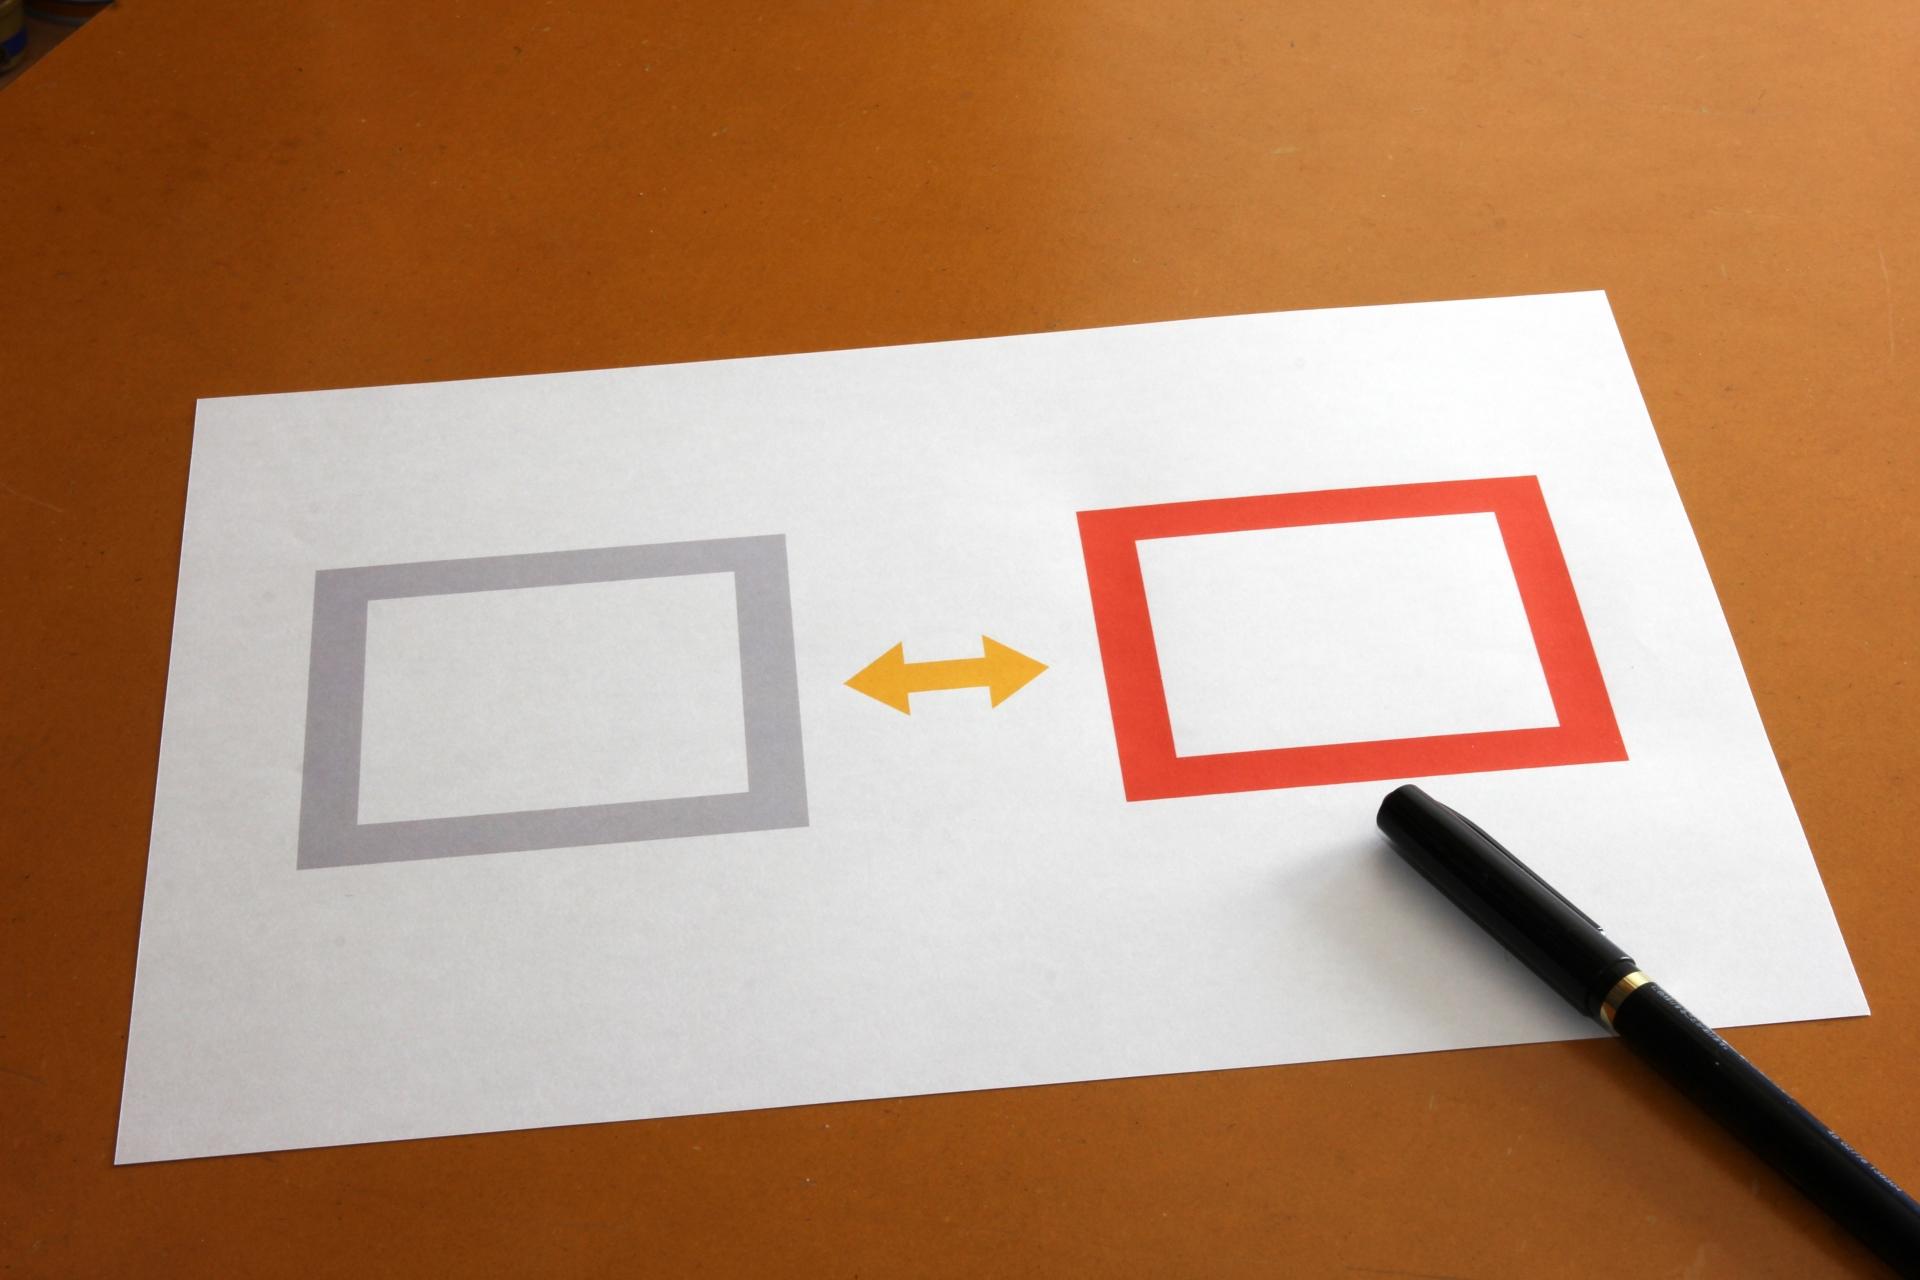 何かを選択することは何かを選択しないこと